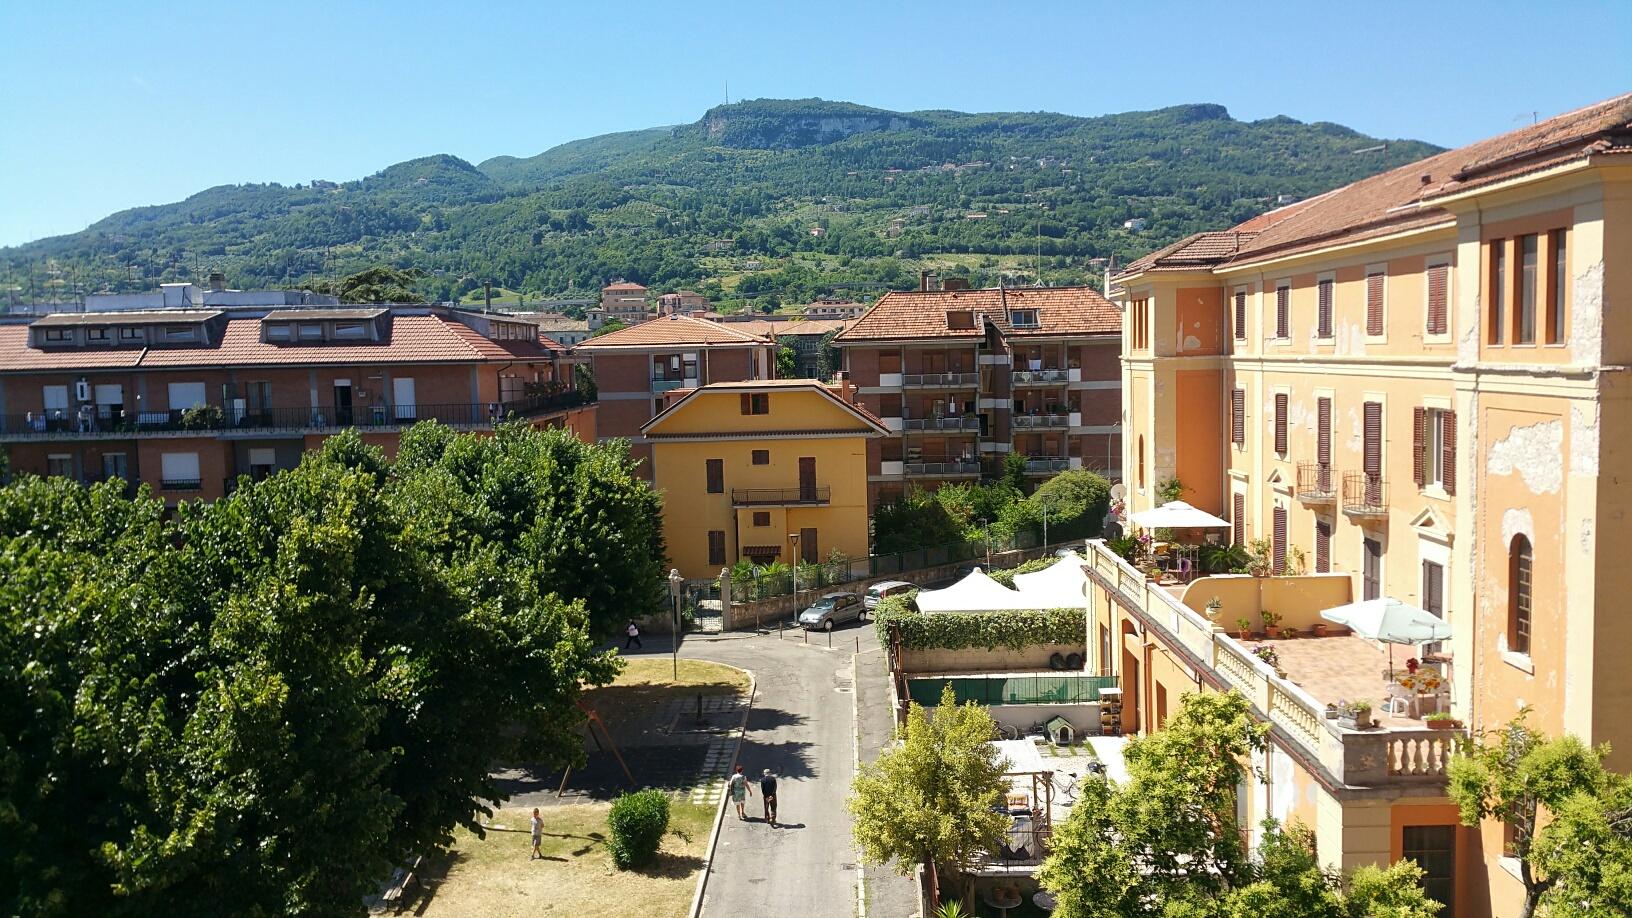 Attico / Mansarda in vendita a Ascoli Piceno, 6 locali, zona Località: CampoParignano, prezzo € 355.000 | CambioCasa.it